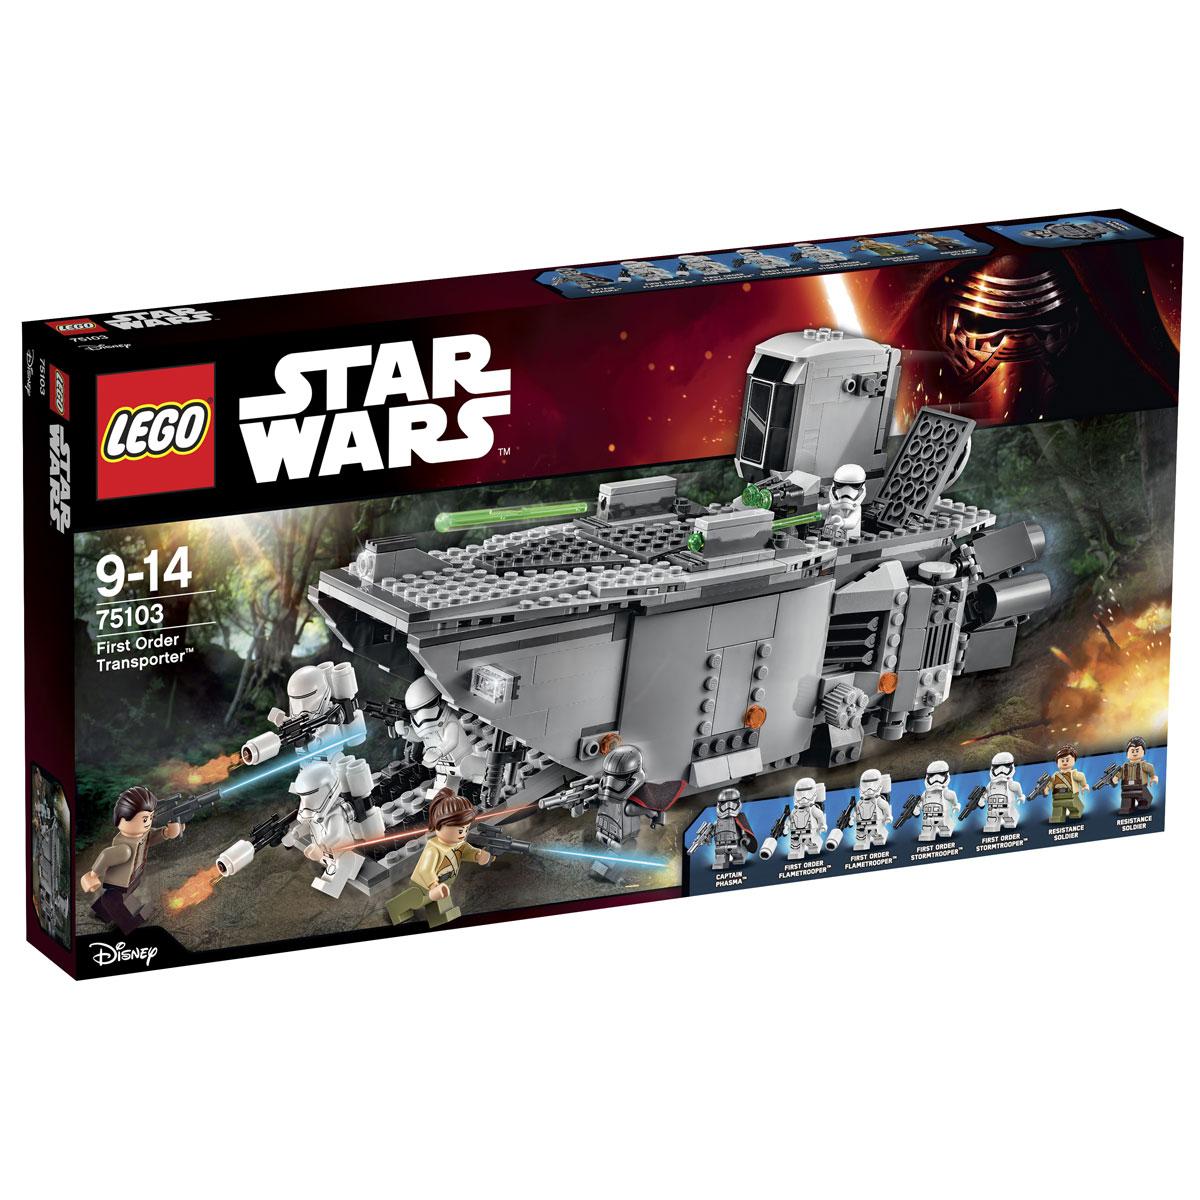 LEGO Star Wars Конструктор Транспорт Первого Ордена 7510375103Конструктор LEGO Транспорт Первого Ордена станет отличным подарком фанатам Звездных войн! Транспортный корабль представляет собой мощный и проходимый танк. Его корпус, покрытый бронированными пластинами, выполнен из деталей серых оттенков. Спереди виден острый задранный нос, на котором закреплены два вида прожекторов. Во время погрузочных работ передняя часть капота опускается, превращаясь в удобный пандус. По нему на борт могут подниматься штурмовики со своим оружием. Работа пандуса регулируется специальным рычагом, расположенным в задней части транспортника. Дополнительным удобством служит съёмная потолочная панель, позволяющая заглянуть внутрь грузового отсека и рассмотреть его интерьер. Для участия в сражениях транспортный корабль оборудован несколькими видами оружия. Две пружинные пушки, установленные на крыше, управляются из дозорной вышки, в которой предусмотрено место для одного пилота-штурмовика и его выдвижной приборной панели. Спаренная малая пушка, вращающаяся...